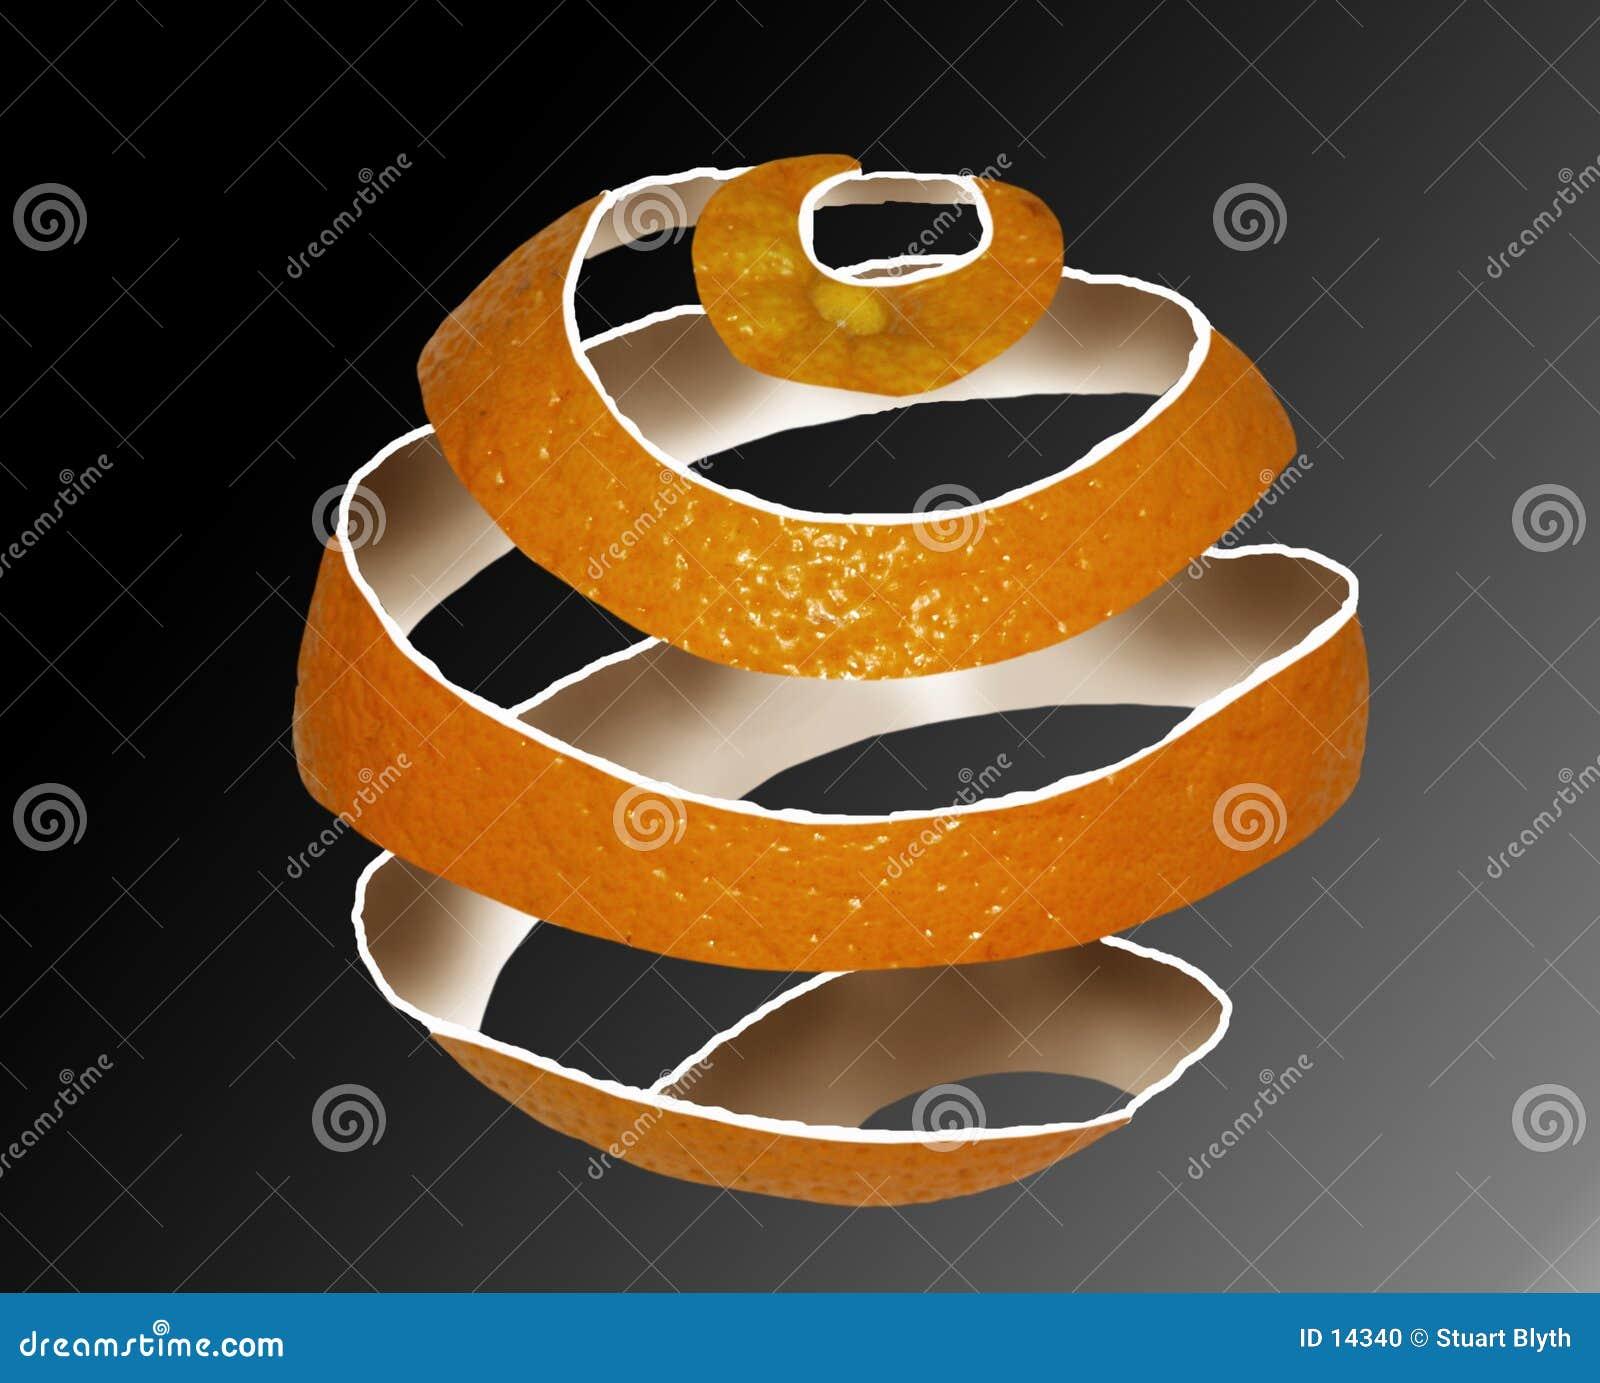 Peau d orange